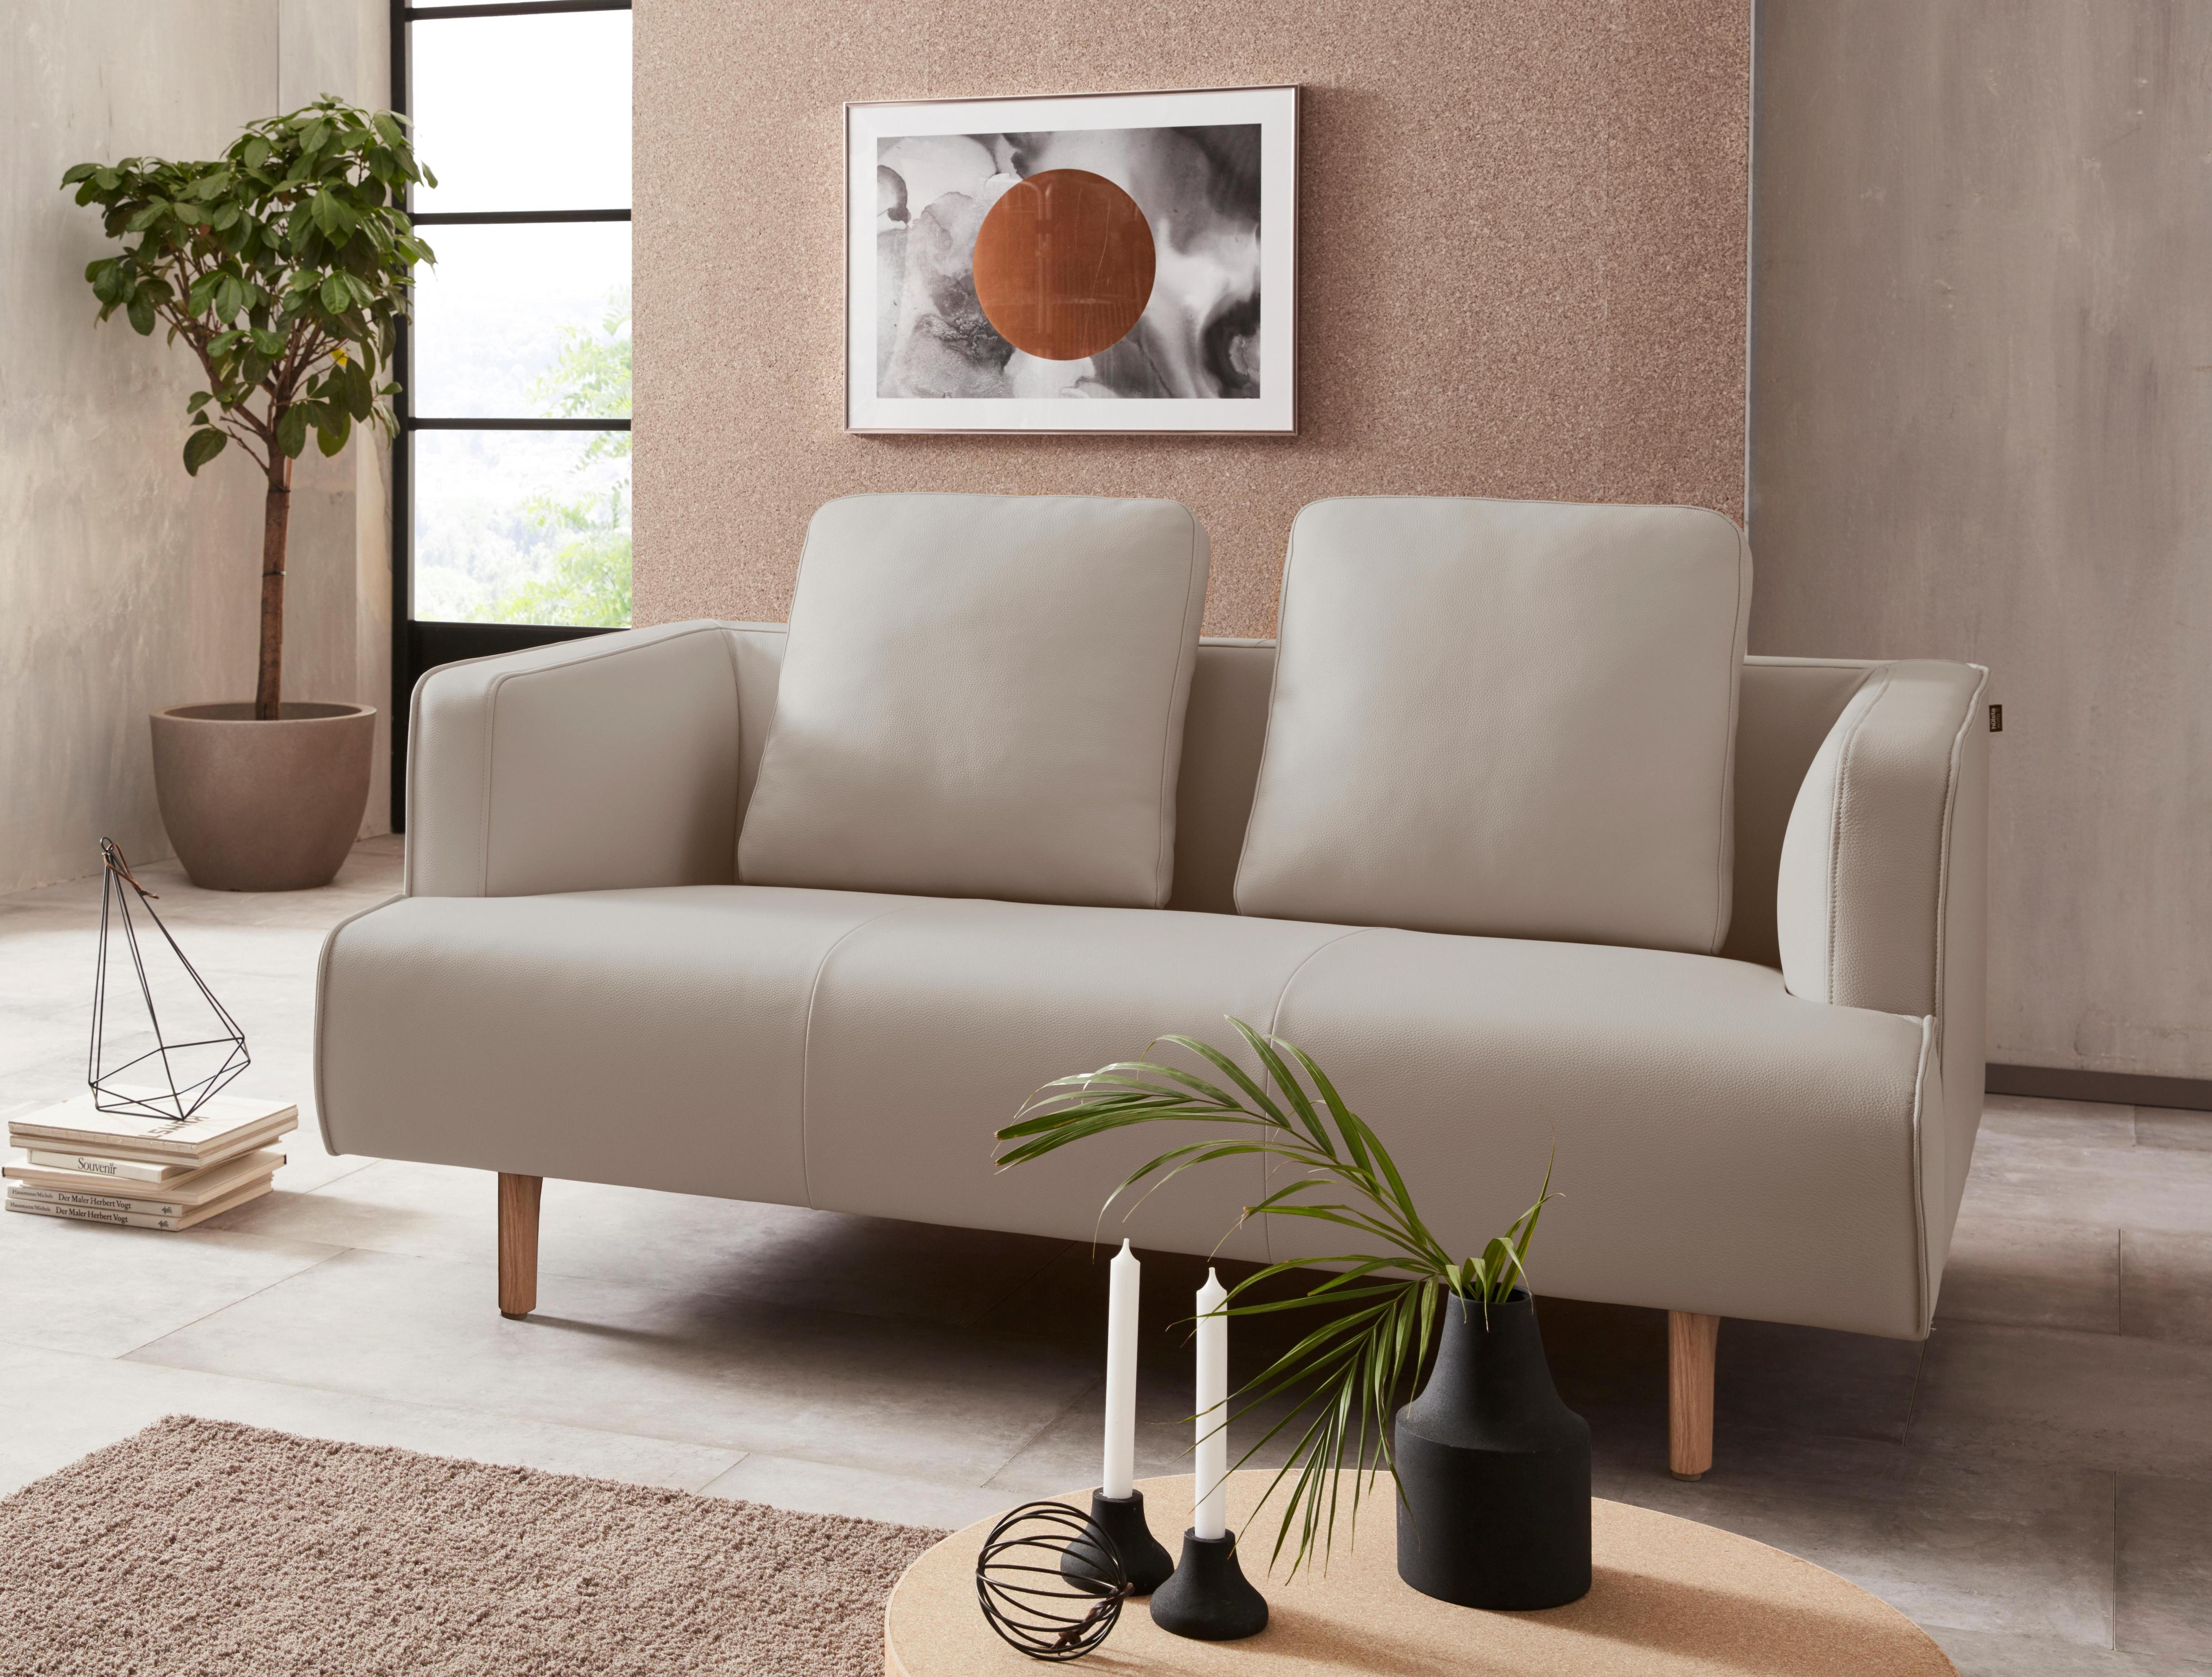 Hülsta Sofa 2 Sitzer Sofa »hs.440« Wahlweise In Stoff Oder Leder, Fuß Eiche  Natur